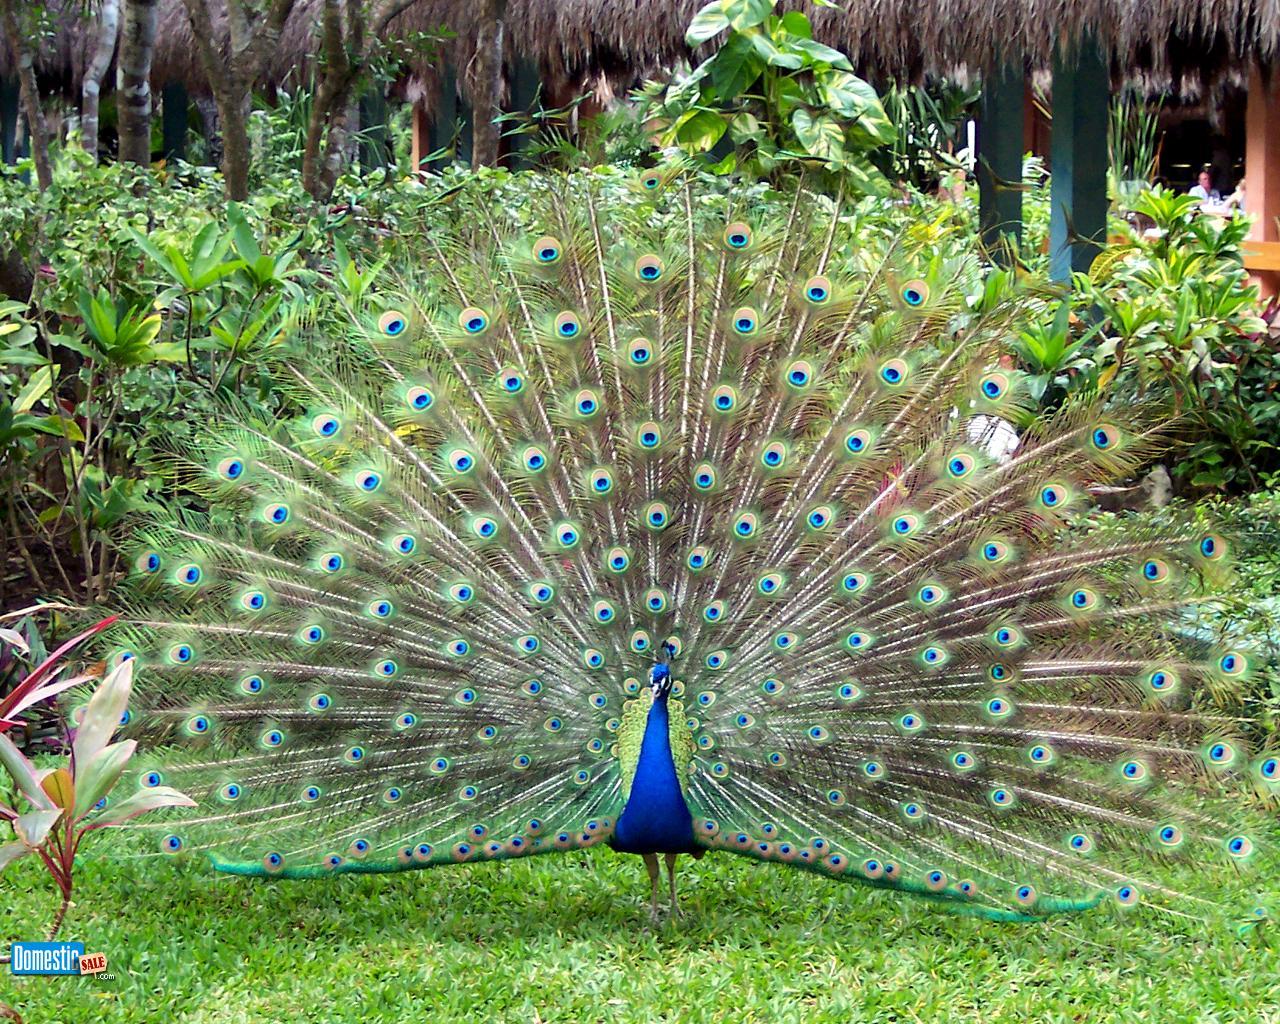 Peacock pavone